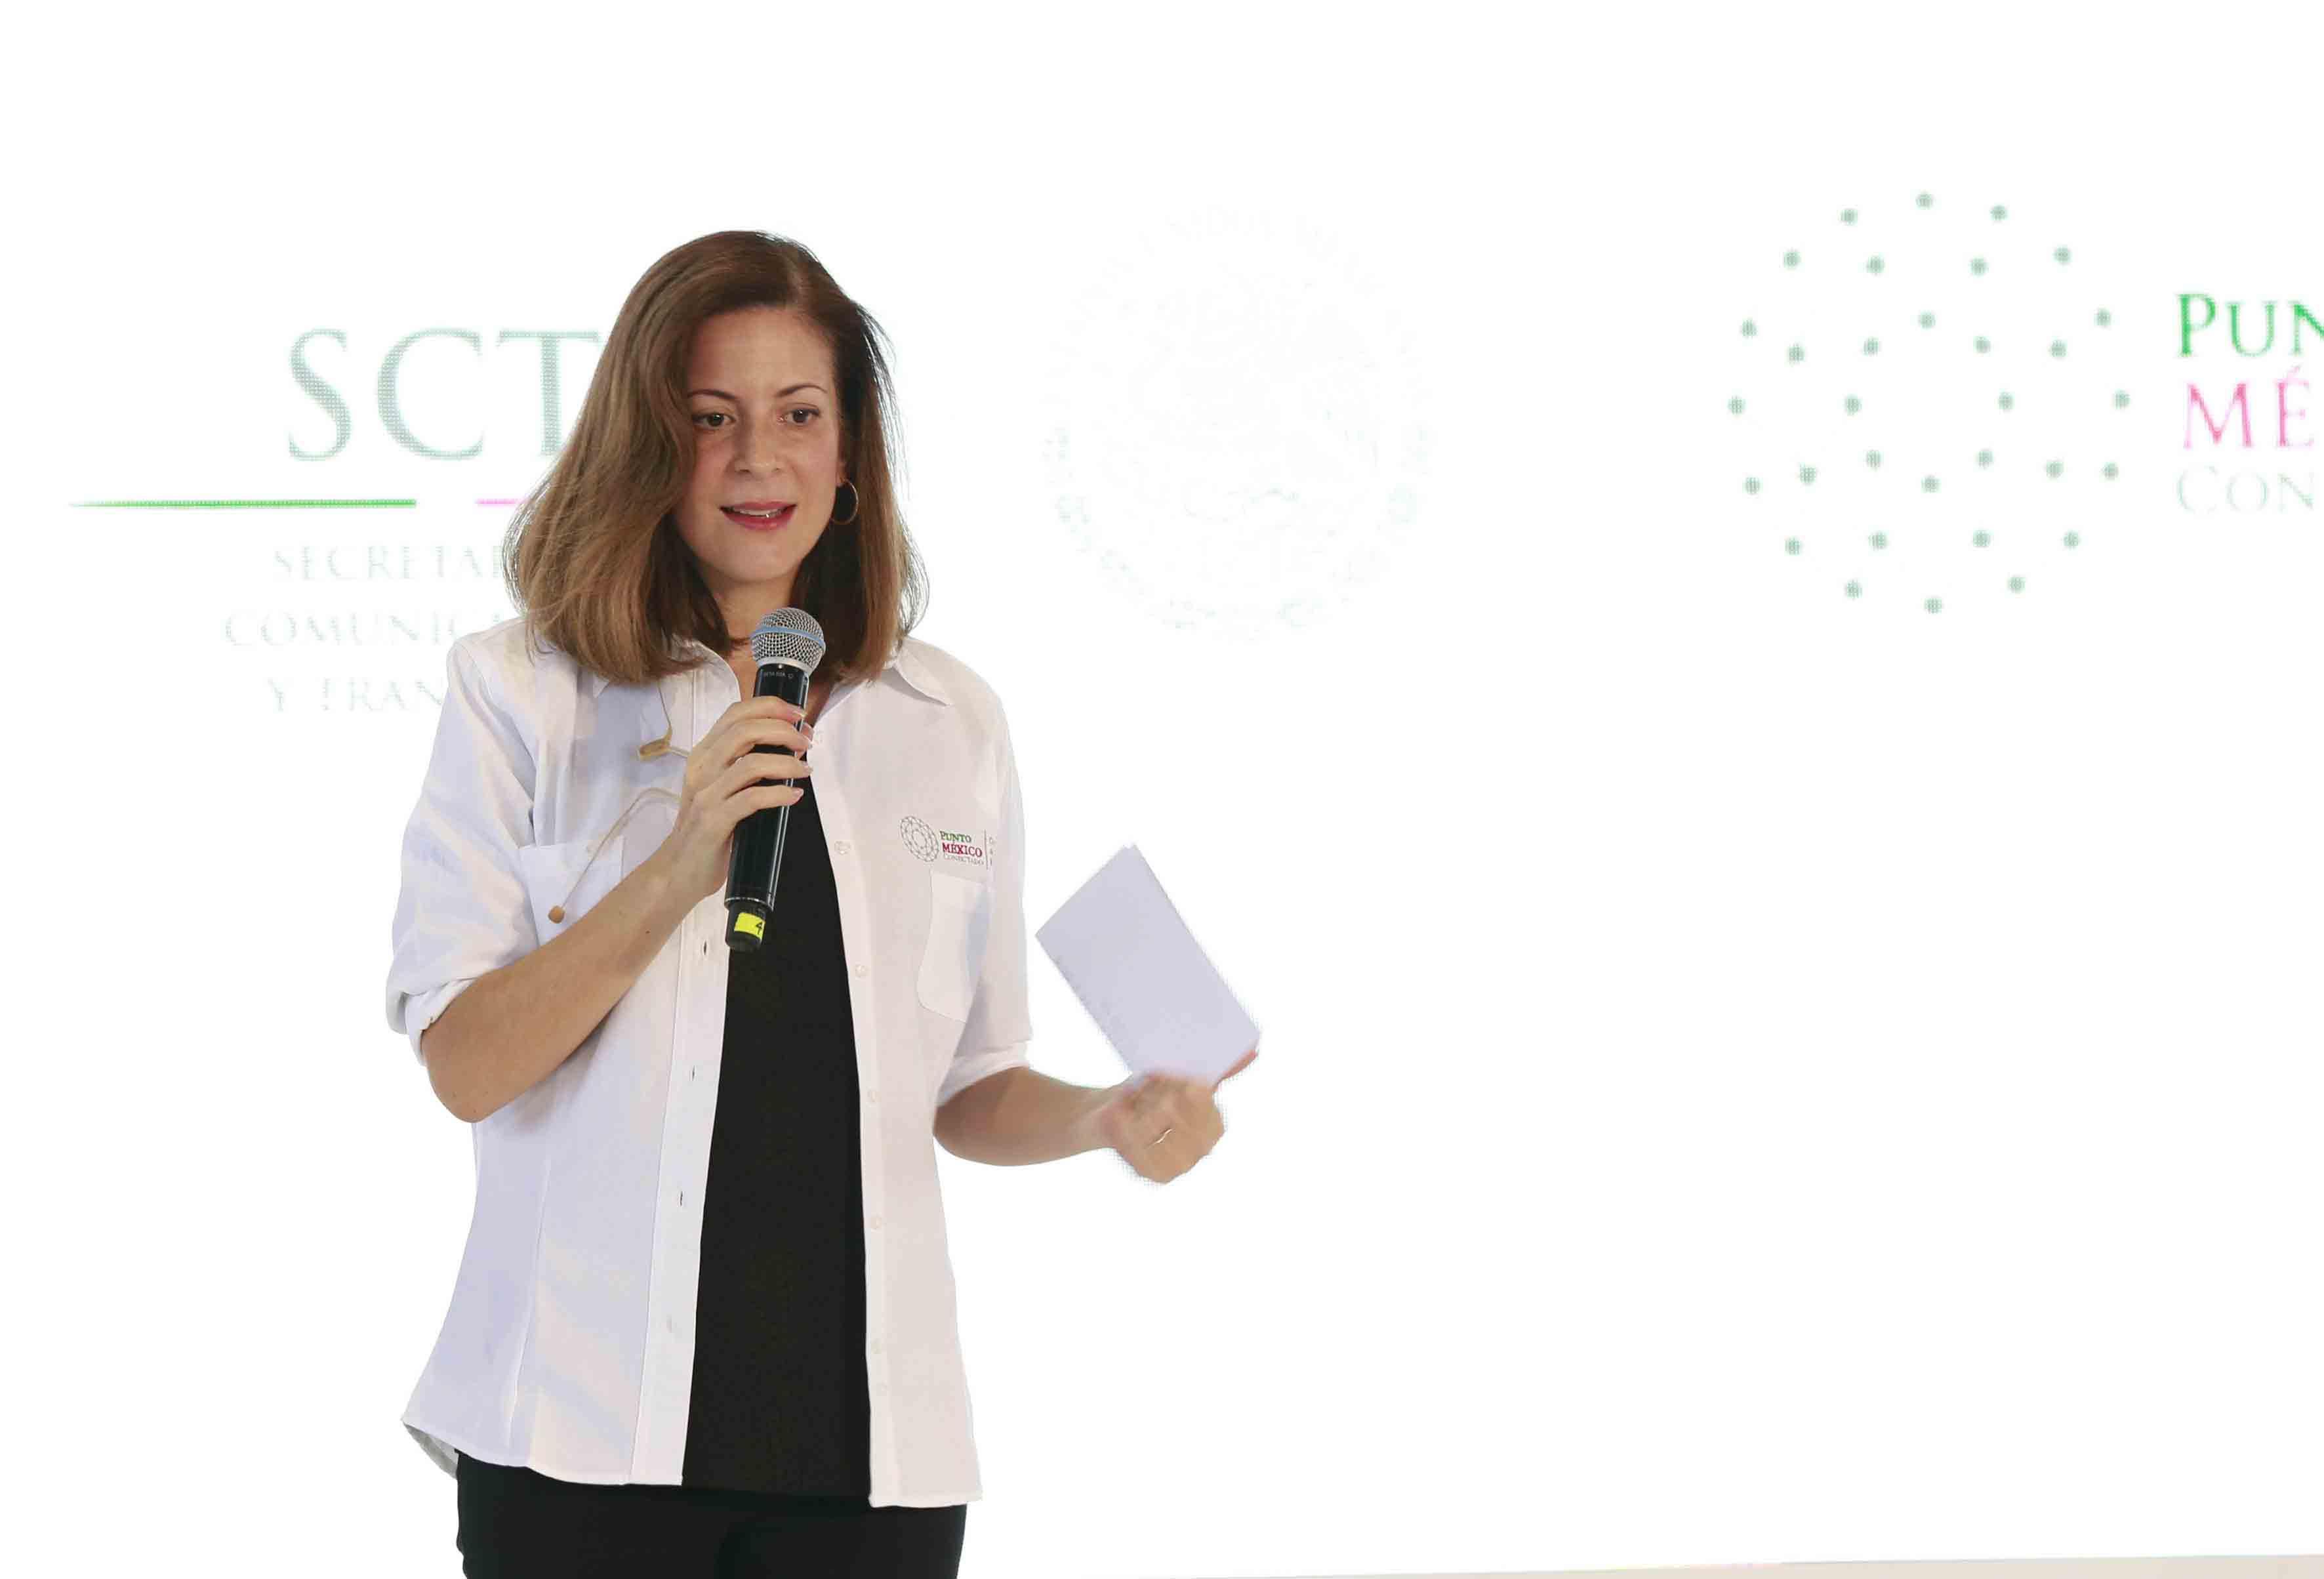 Subsecretaría de Comunicaciones y Transportes, Mónica Aspe Bernal